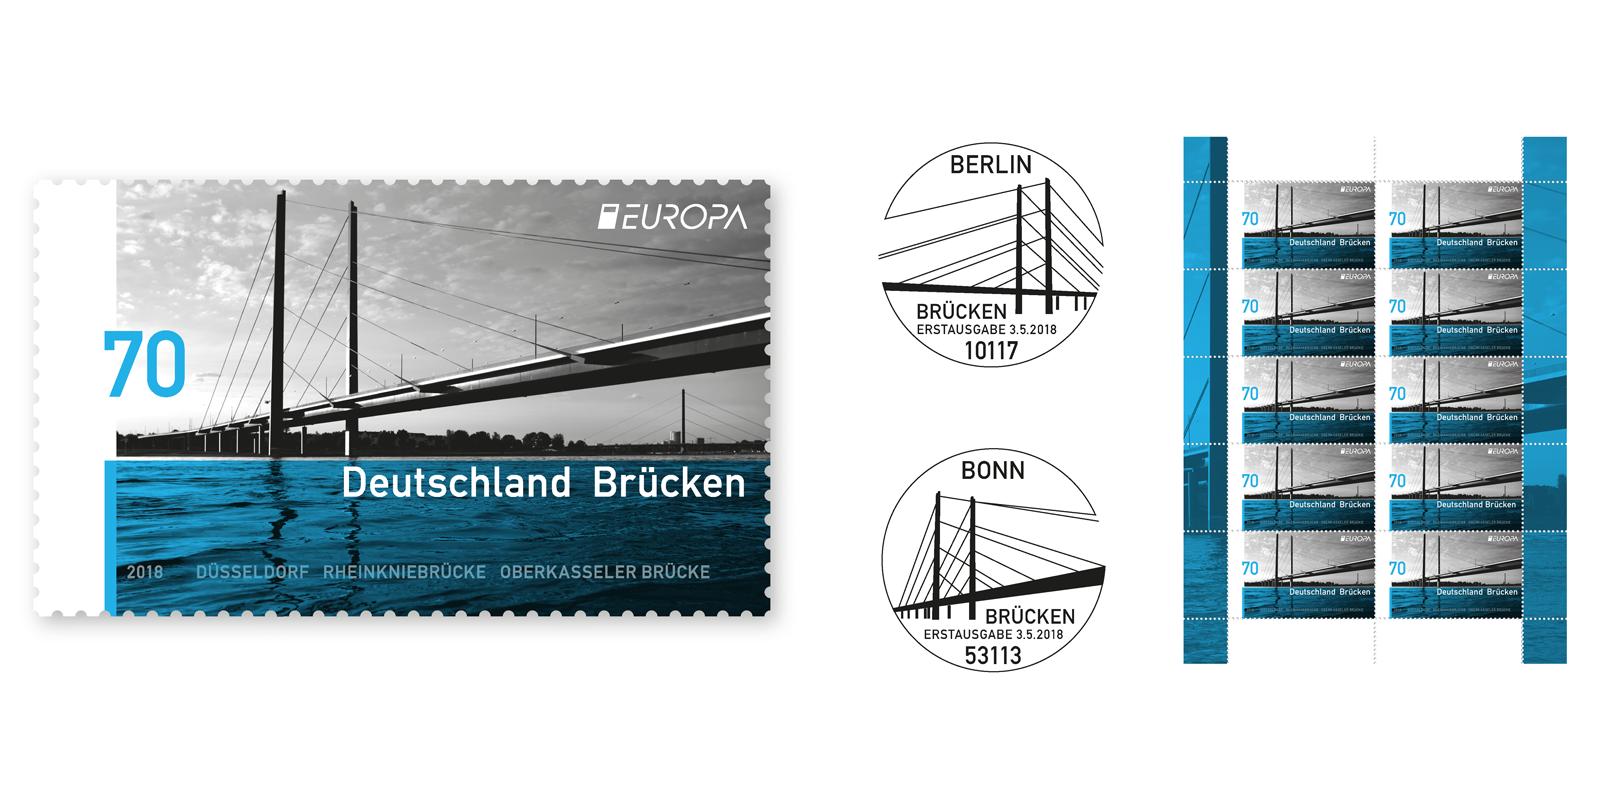 2018_Sonderpostwertzeichen_Bruecken